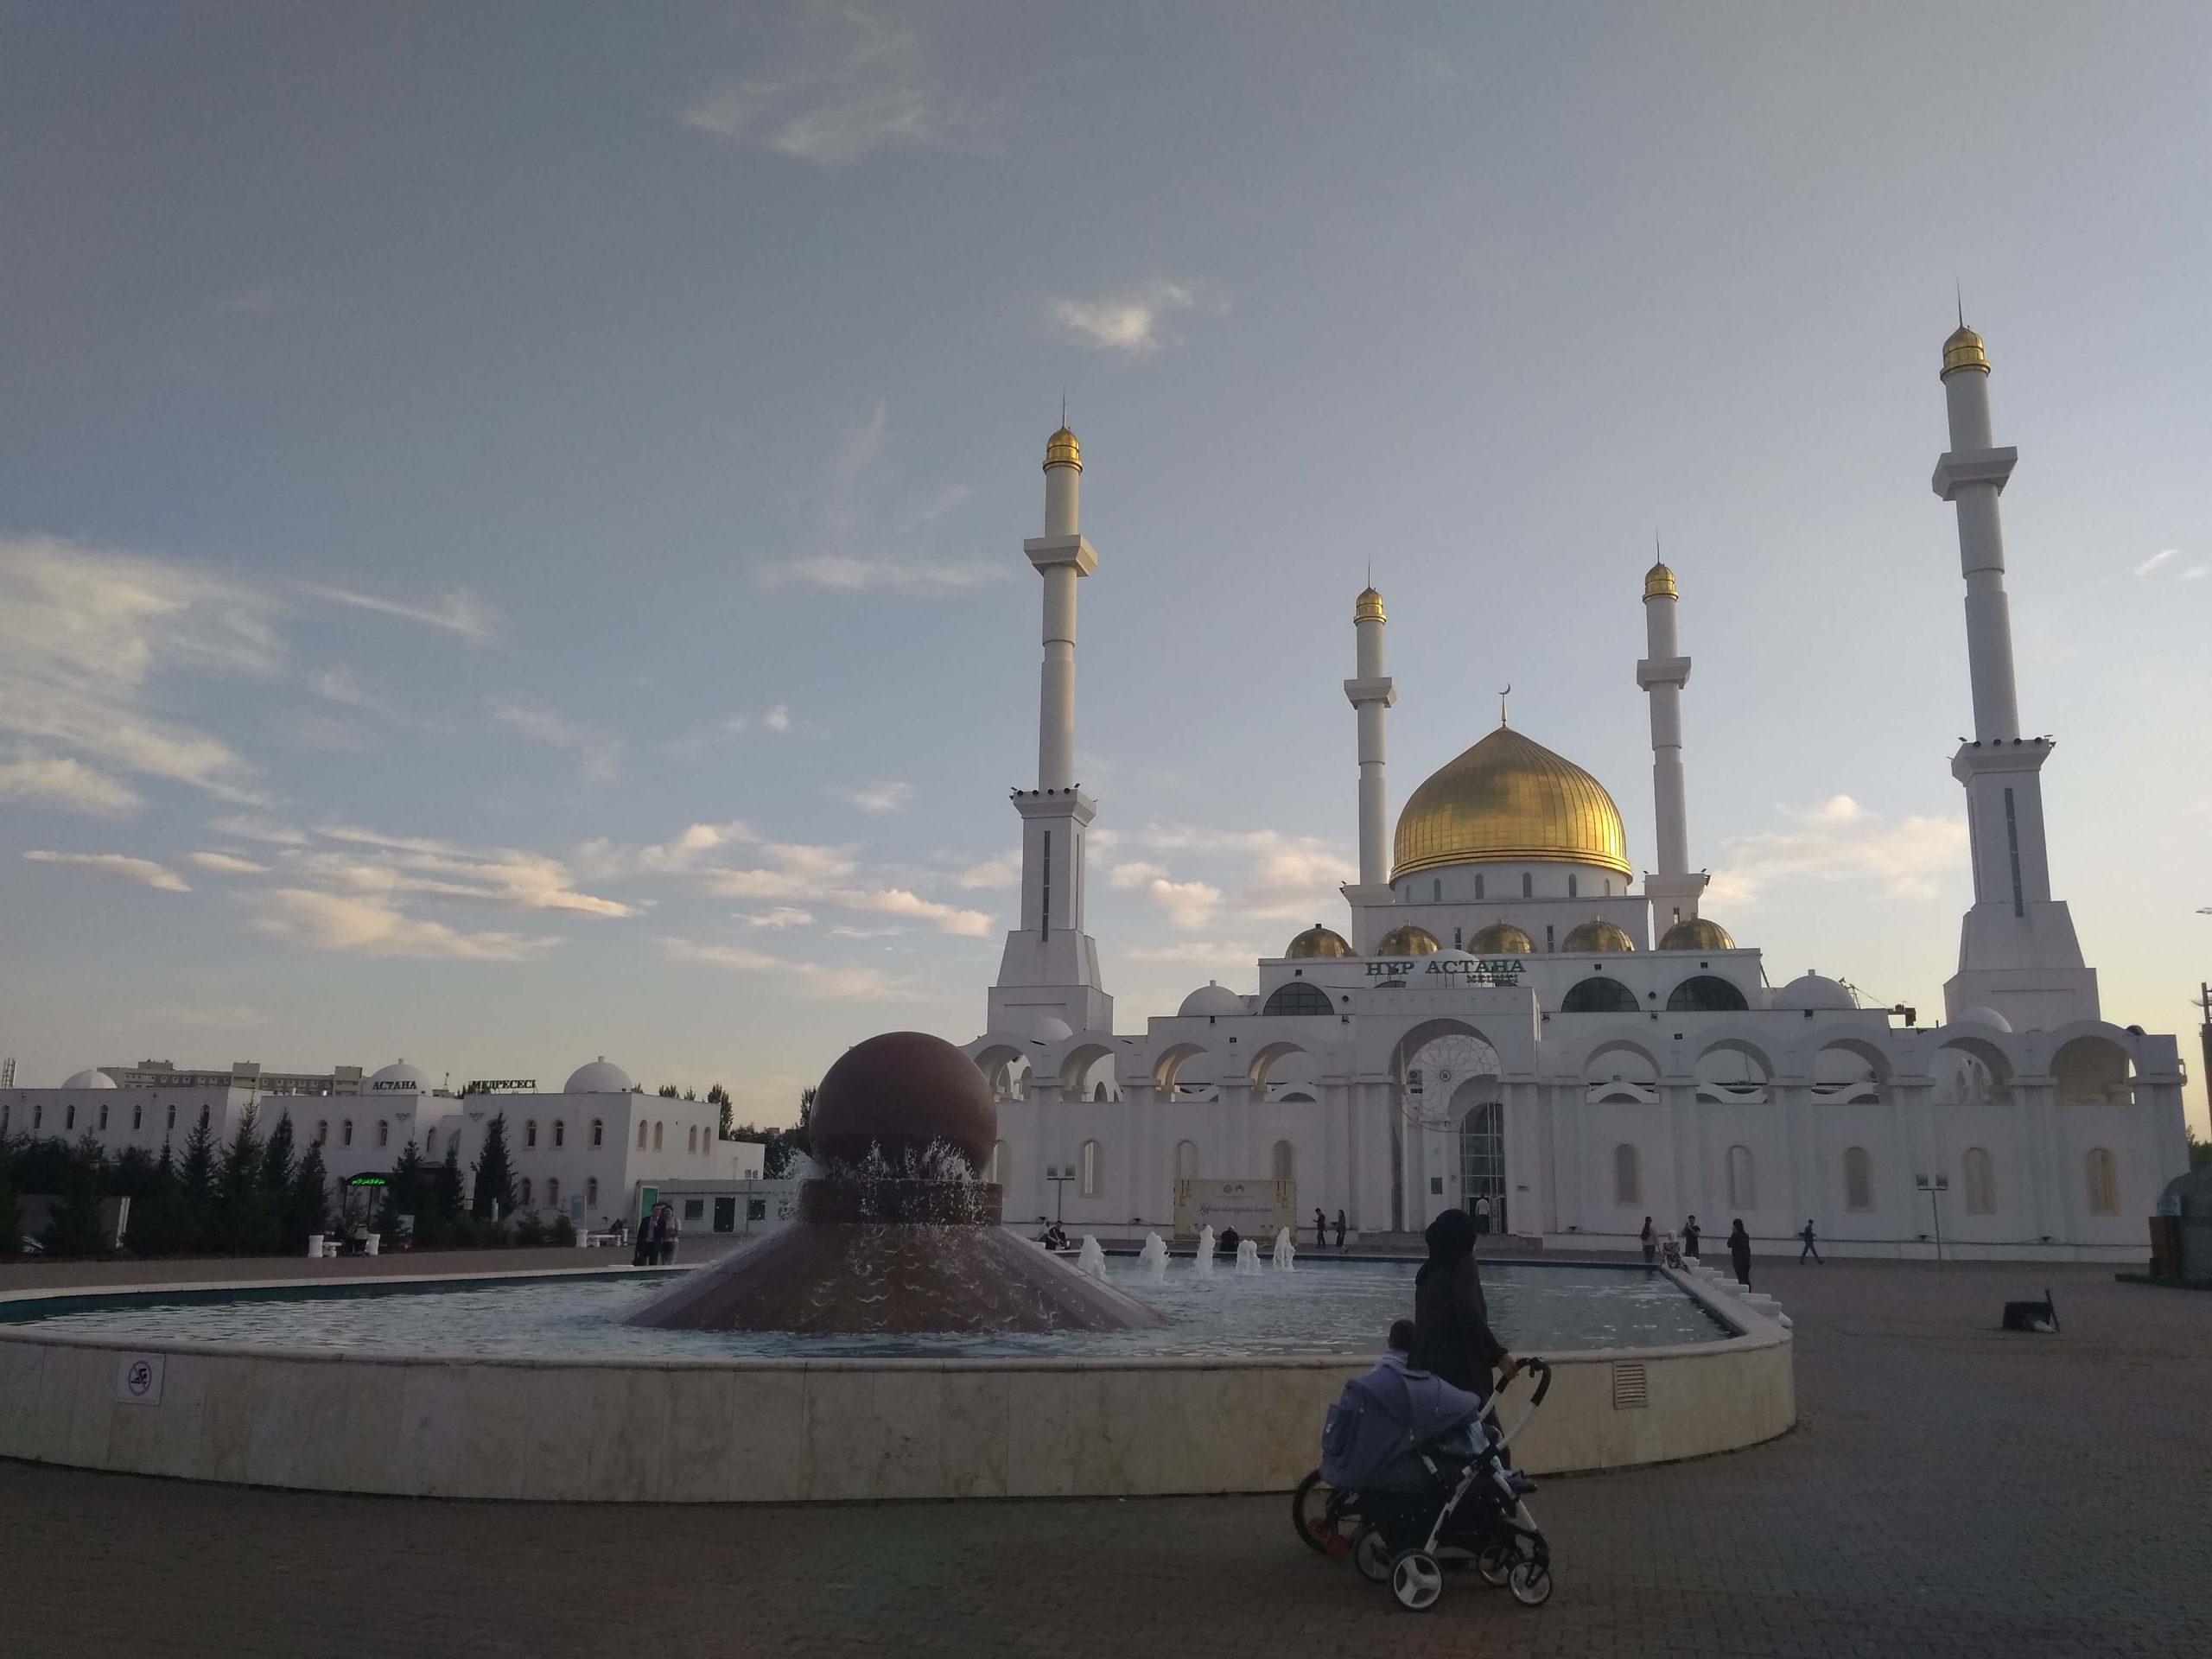 Una mezquita en la capital de Kazajistán